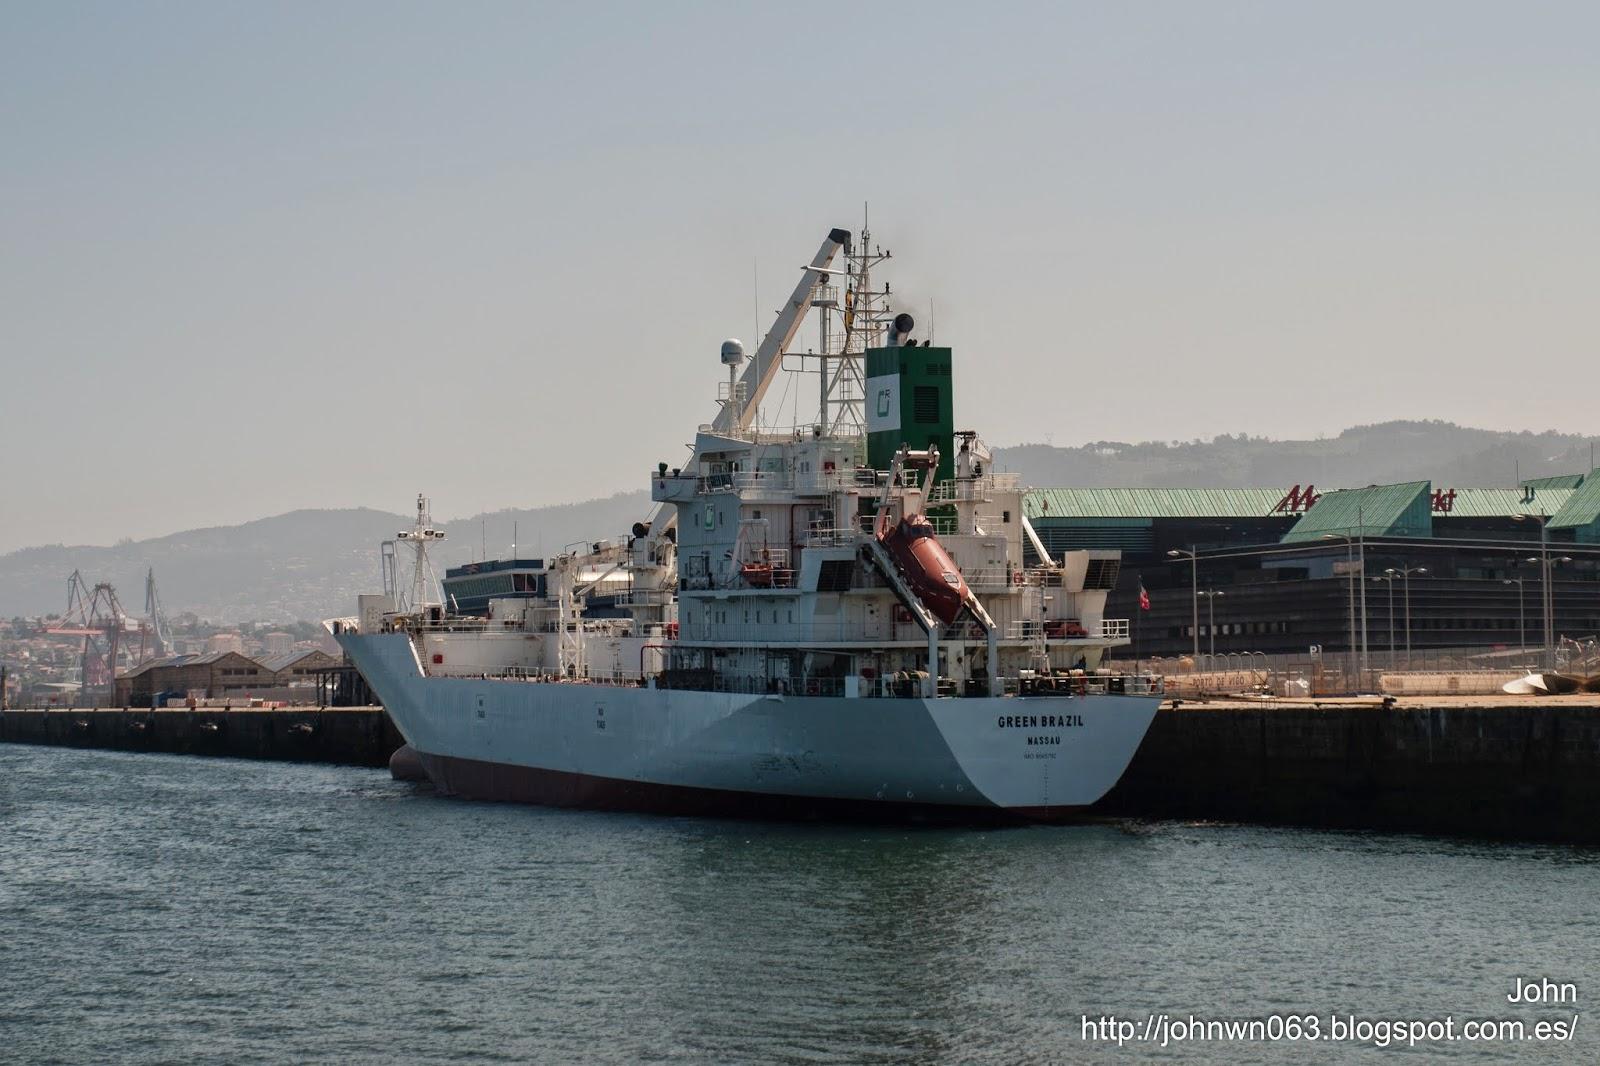 fotos de barcos, imagenes de barcos, green brazil, green management, reefer, vigo